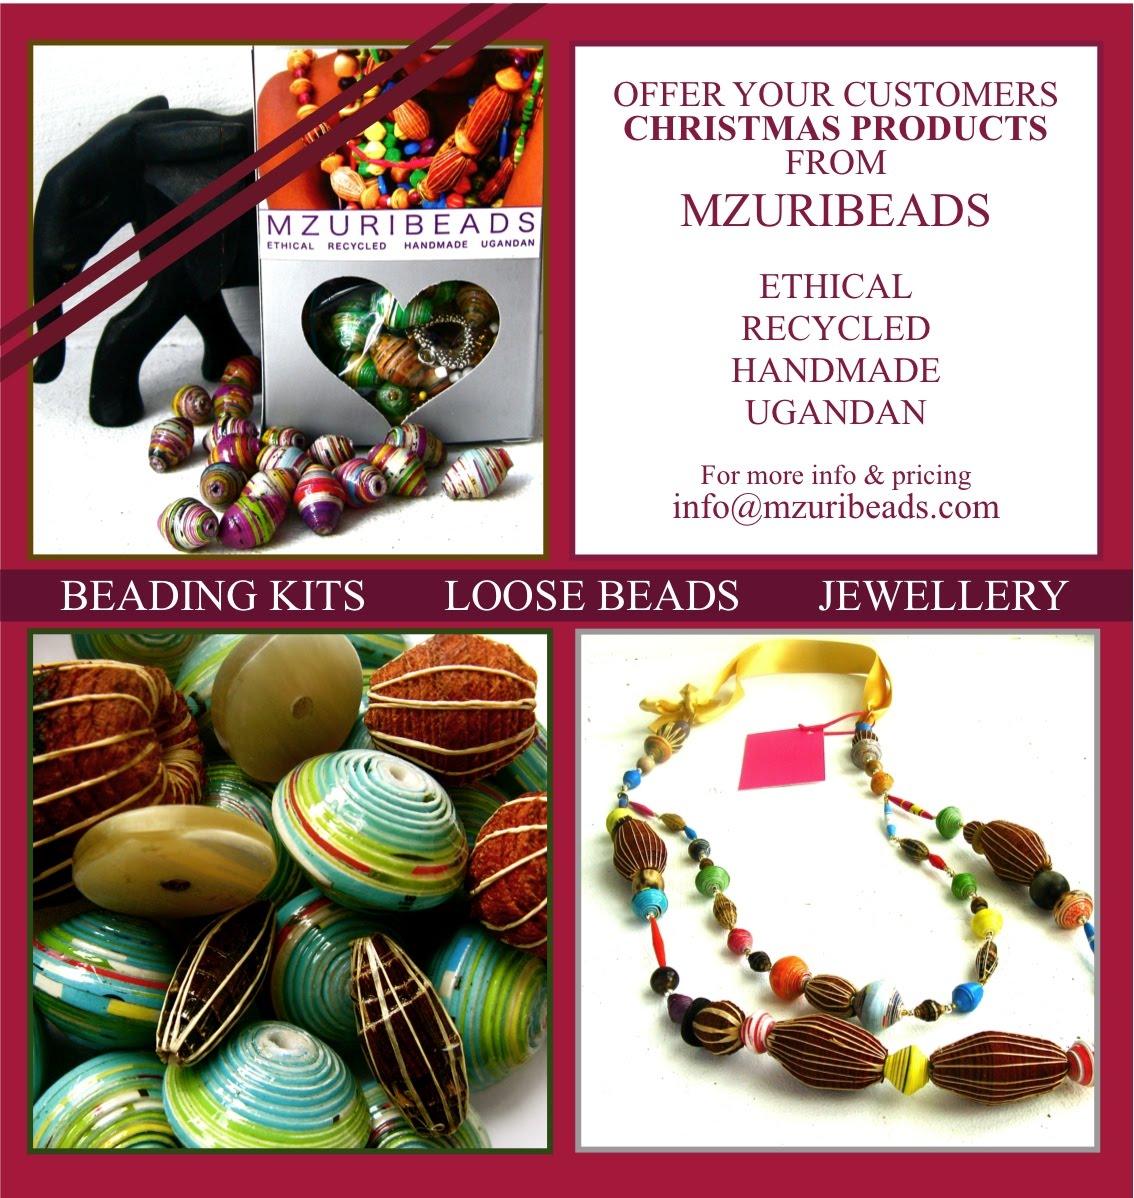 Mzuribeads ETHICAL UGANDAN BEADS: October 2010